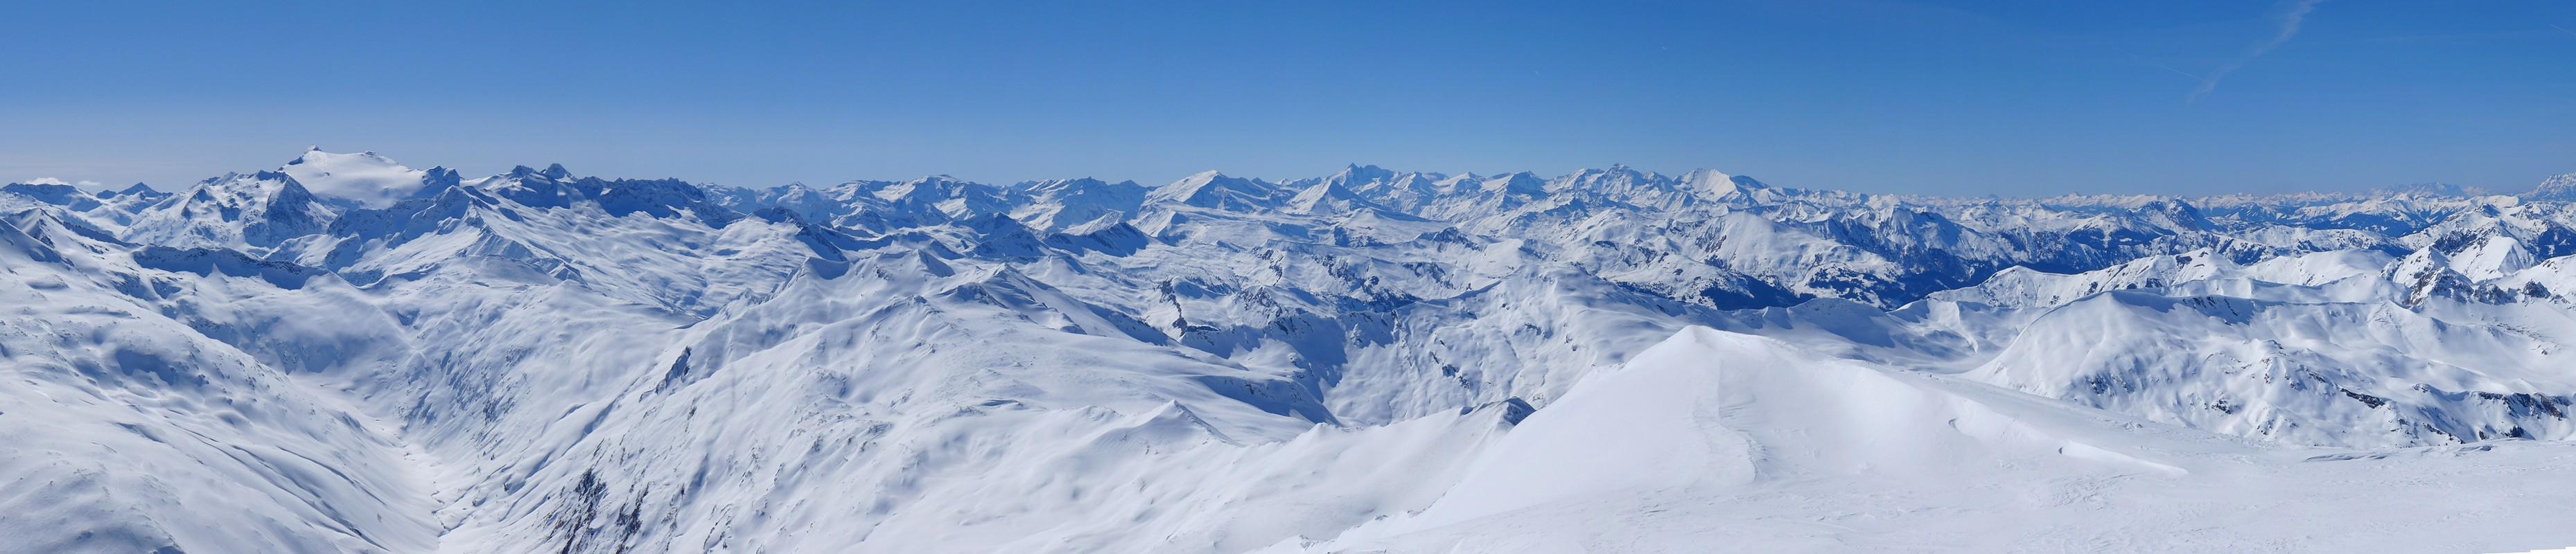 Weisseck Niedere Tauern Österreich panorama 33